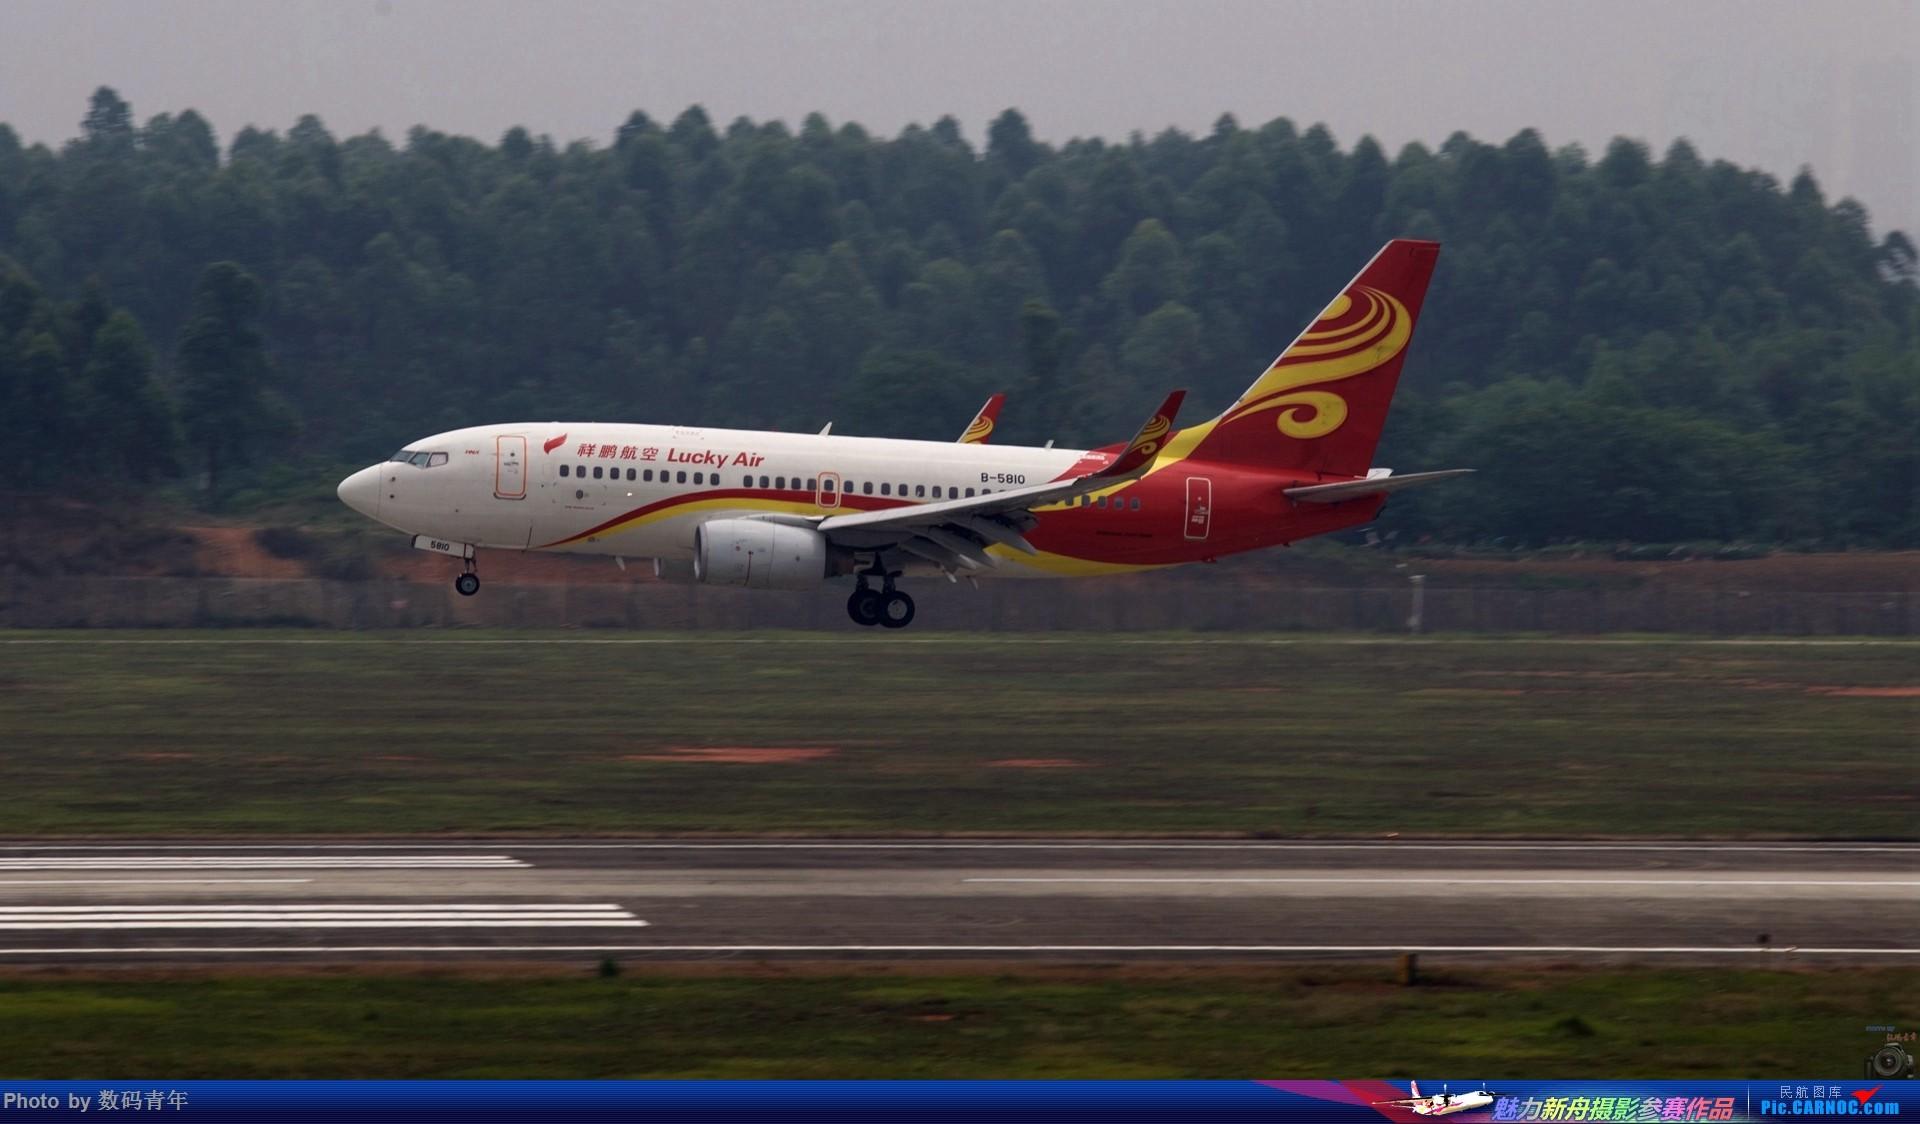 Re:[原创]重出江湖【CTU】2015.5.17打飞机 BOEING 737-700 B-5810 中国成都双流国际机场